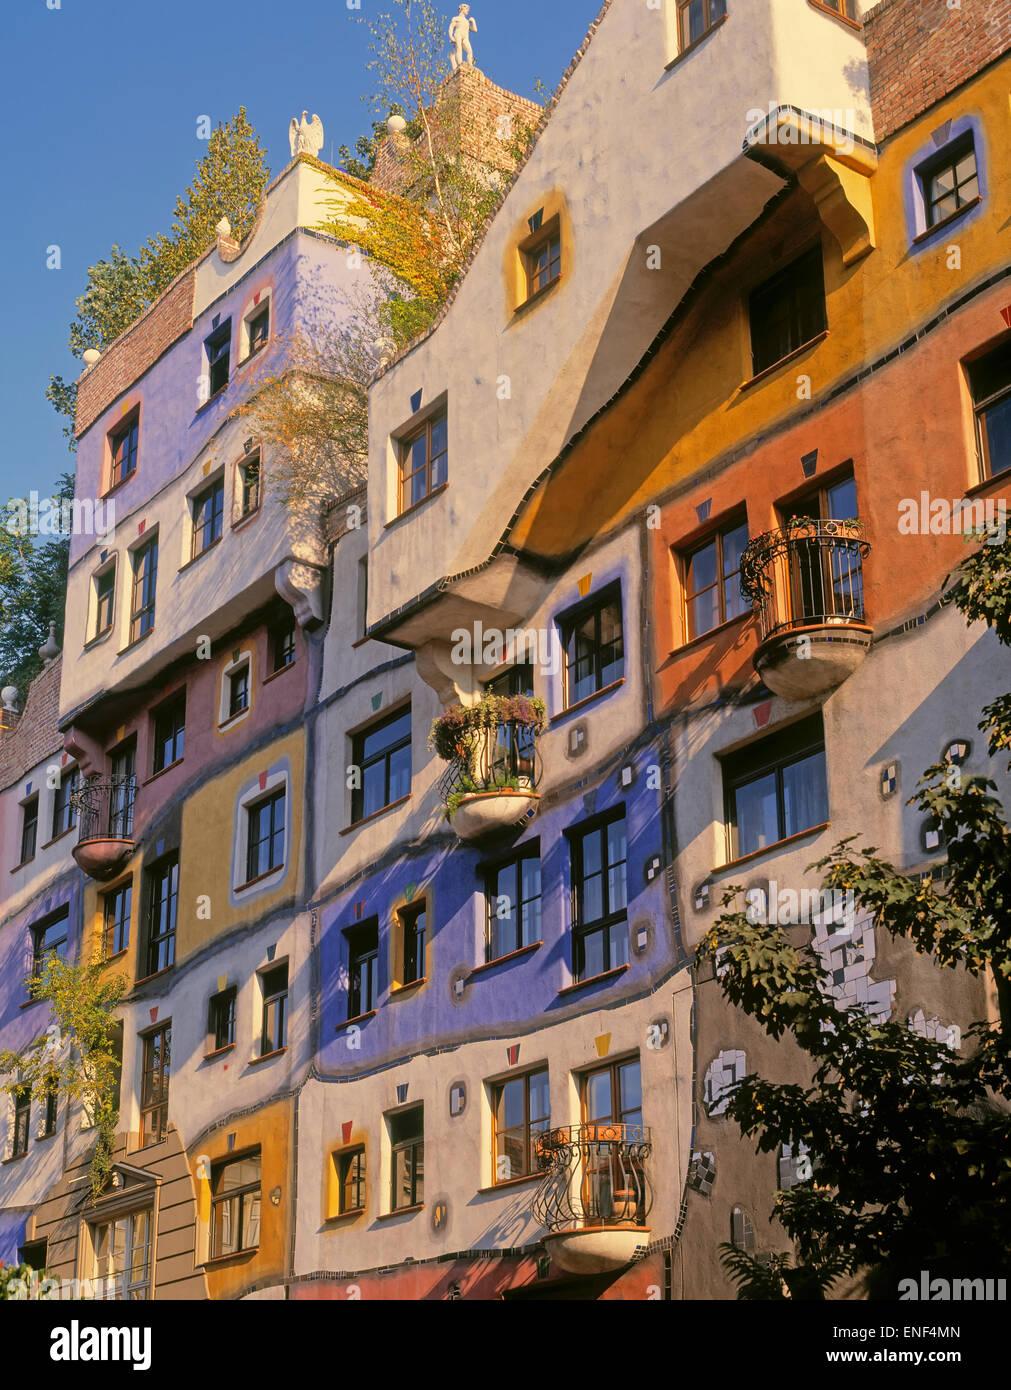 Viena, Austria. Fachada de la Hundertwasserhaus, un bloque de apartamentos diseñado por el arquitecto y artista Imagen De Stock